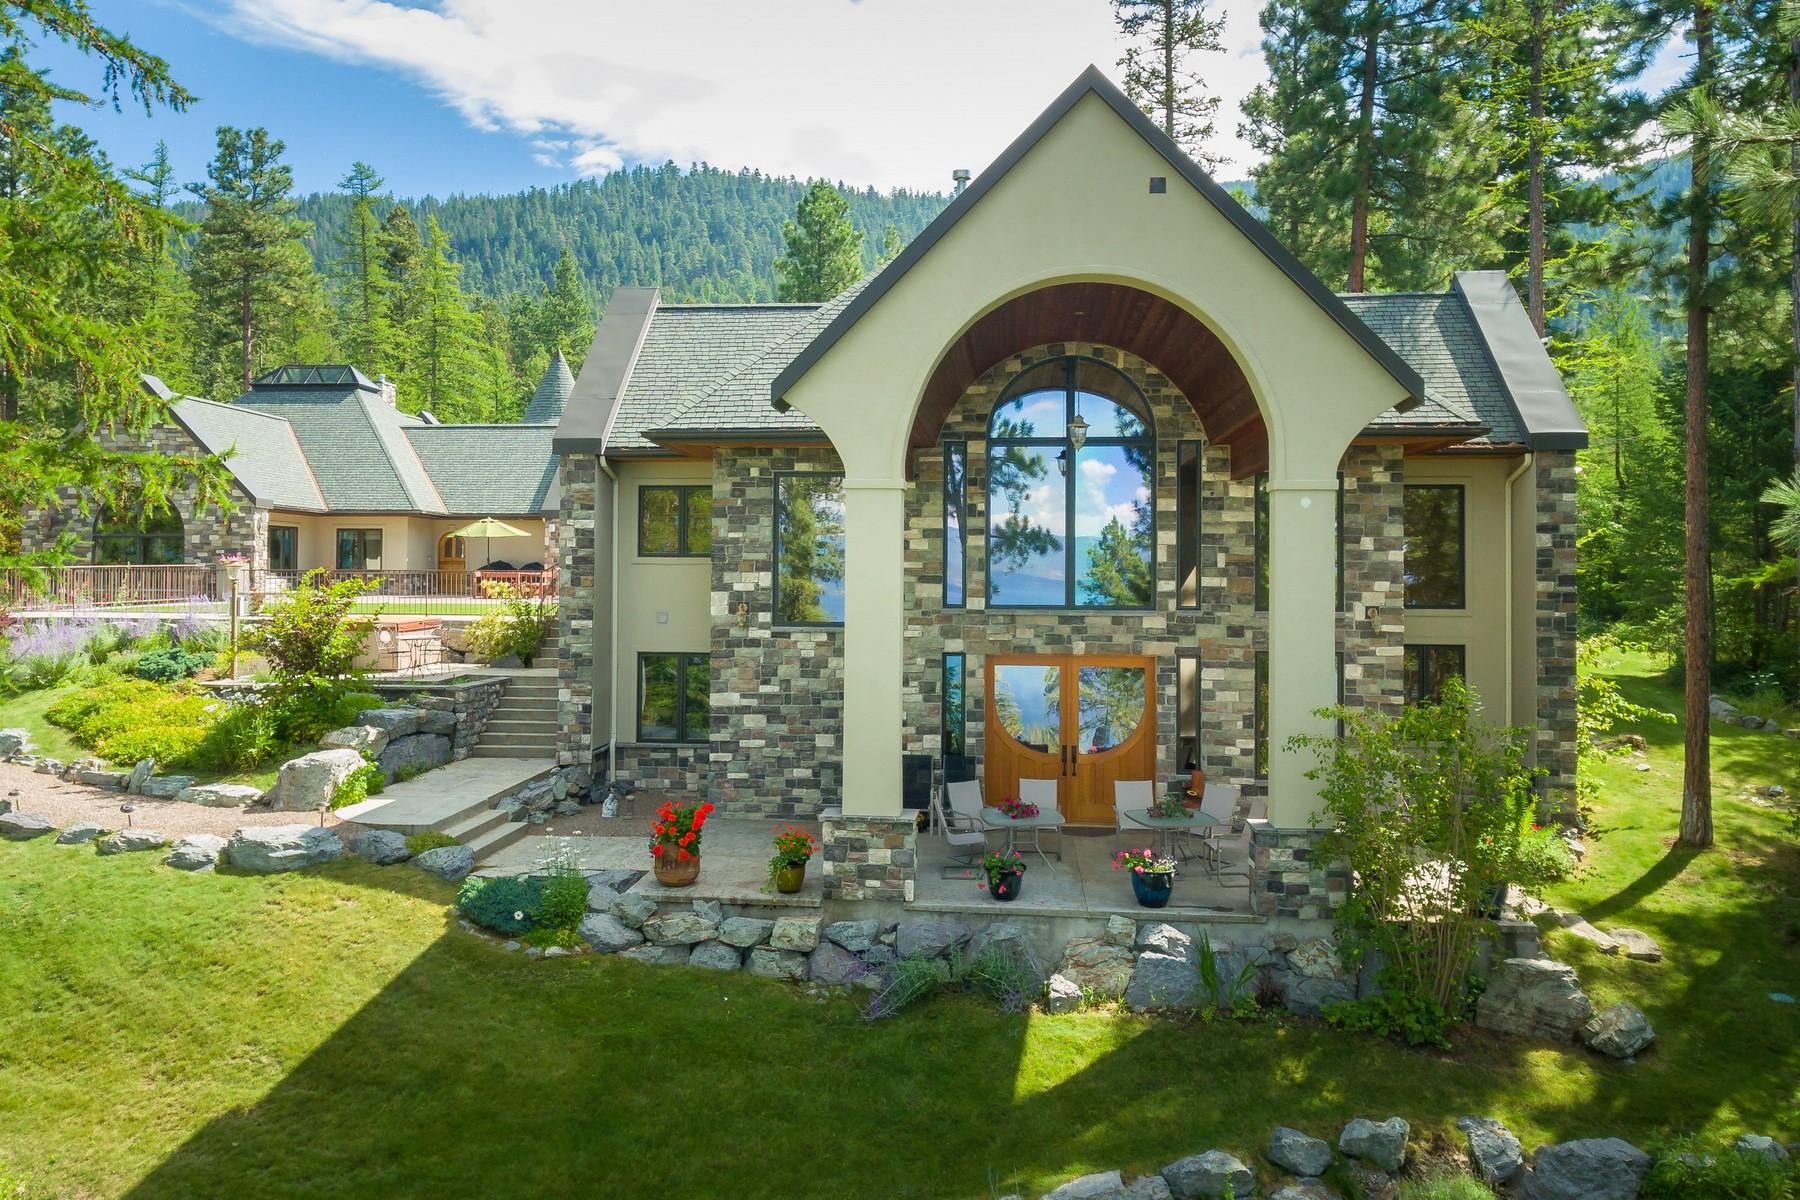 단독 가정 주택 용 매매 에 East Lake Shore , Bigfork, MT 59911 Bigfork, 몬타나, 59911 미국